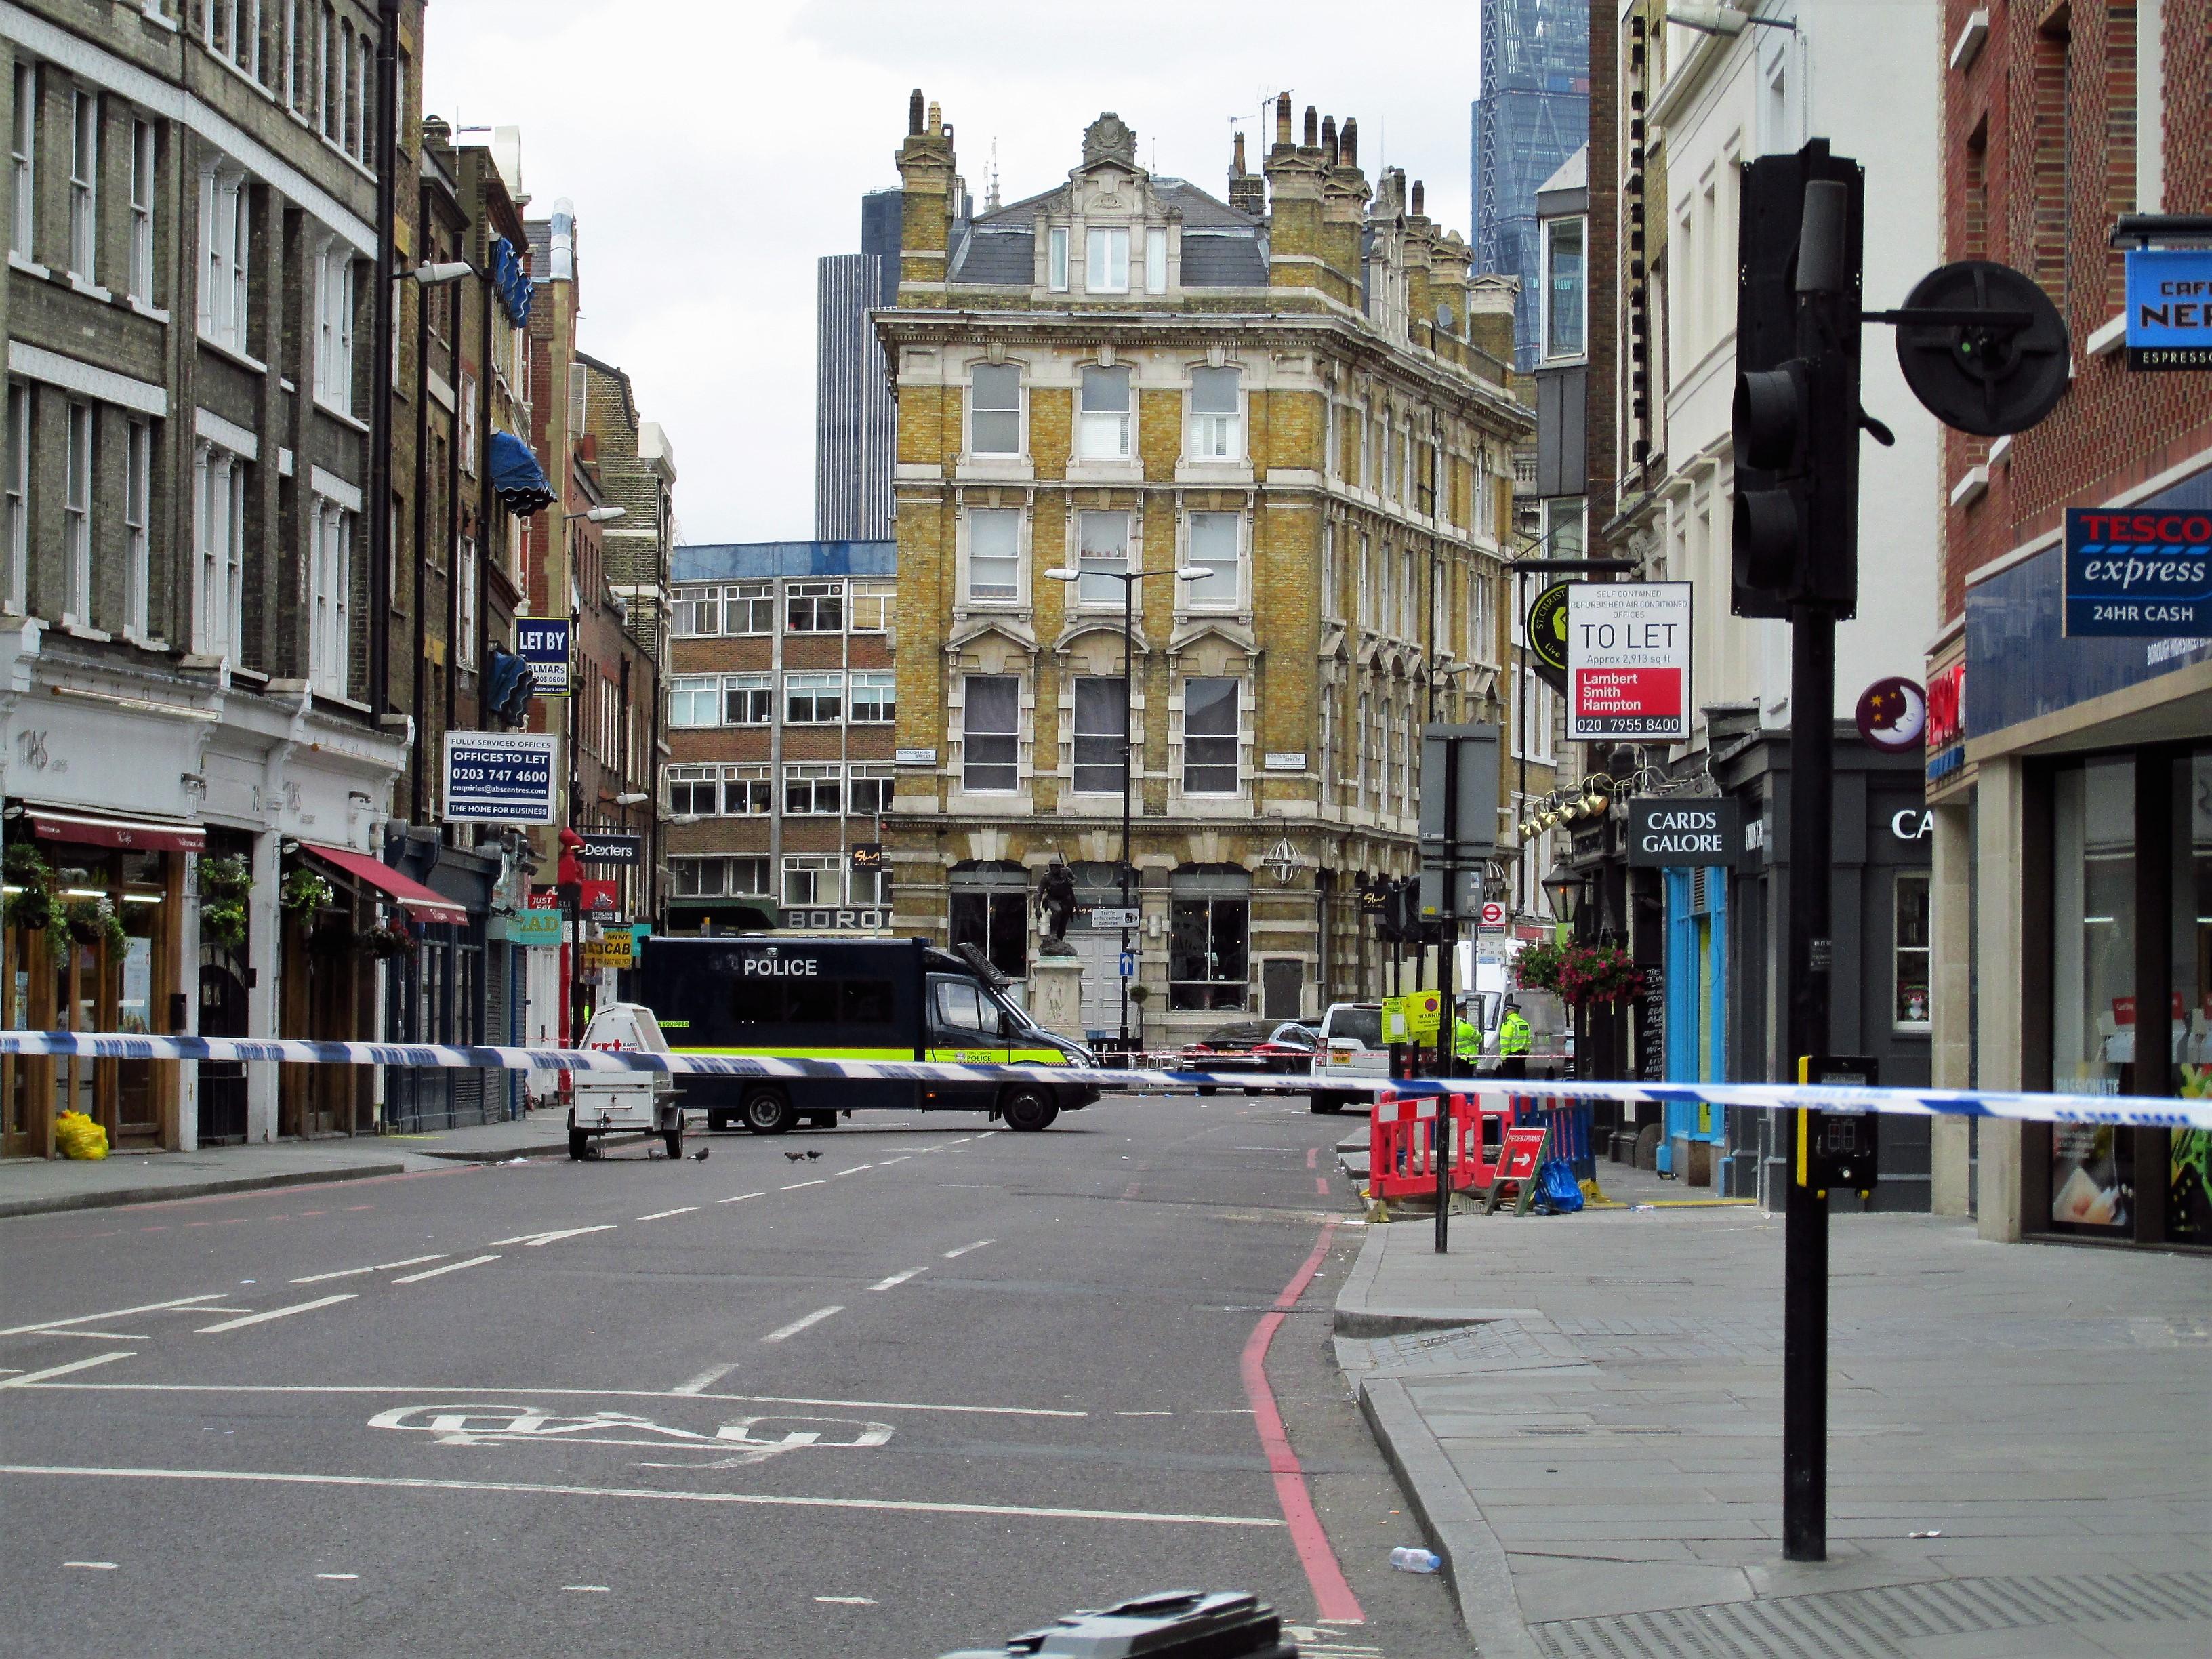 Terrorist Attacks Wikipedia: File:Borough High Street After The Terrorist Attack